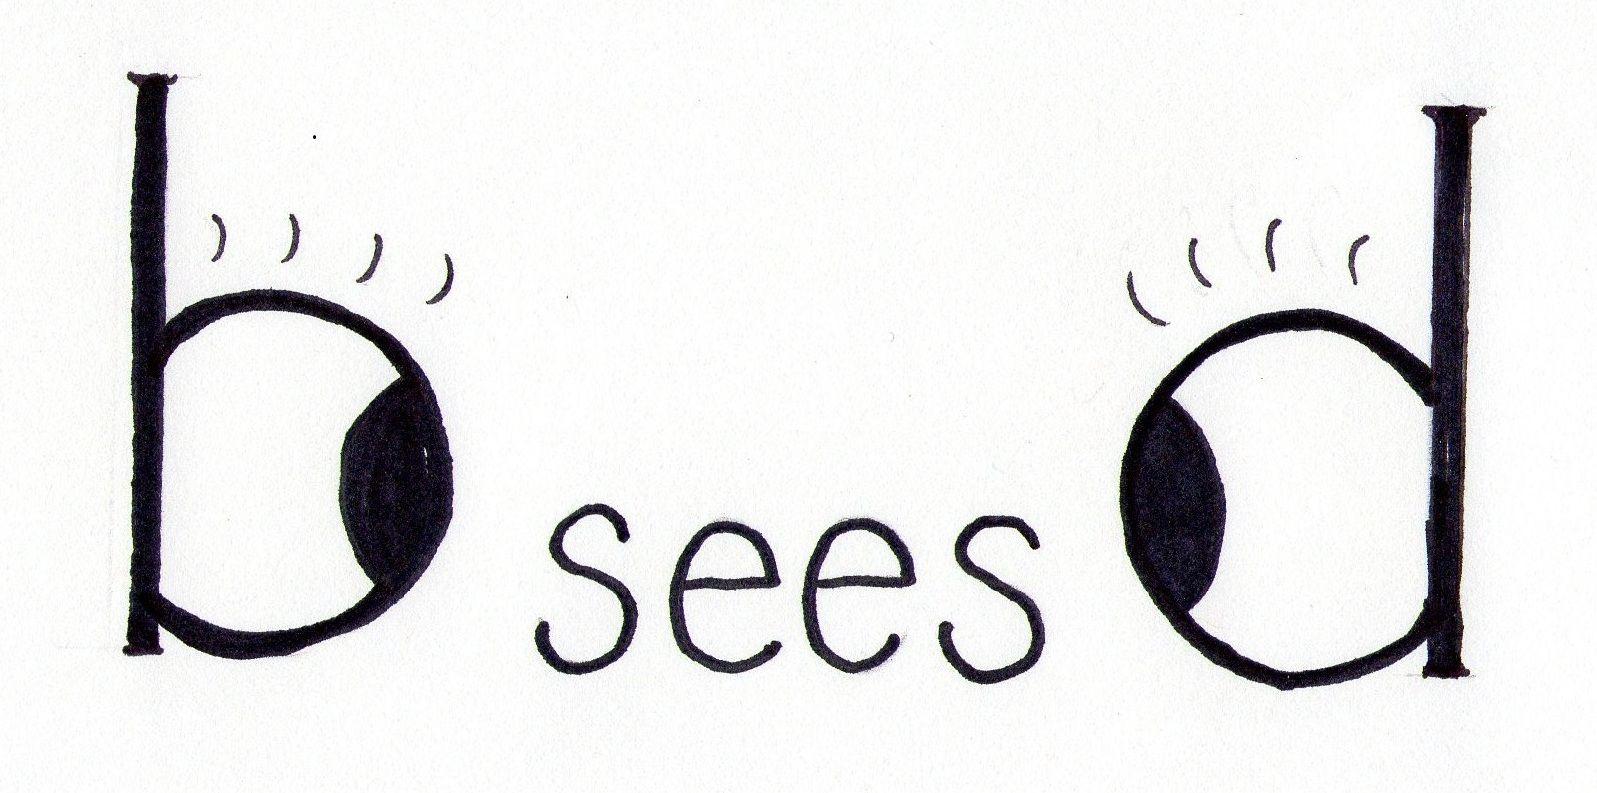 B Sees D 793